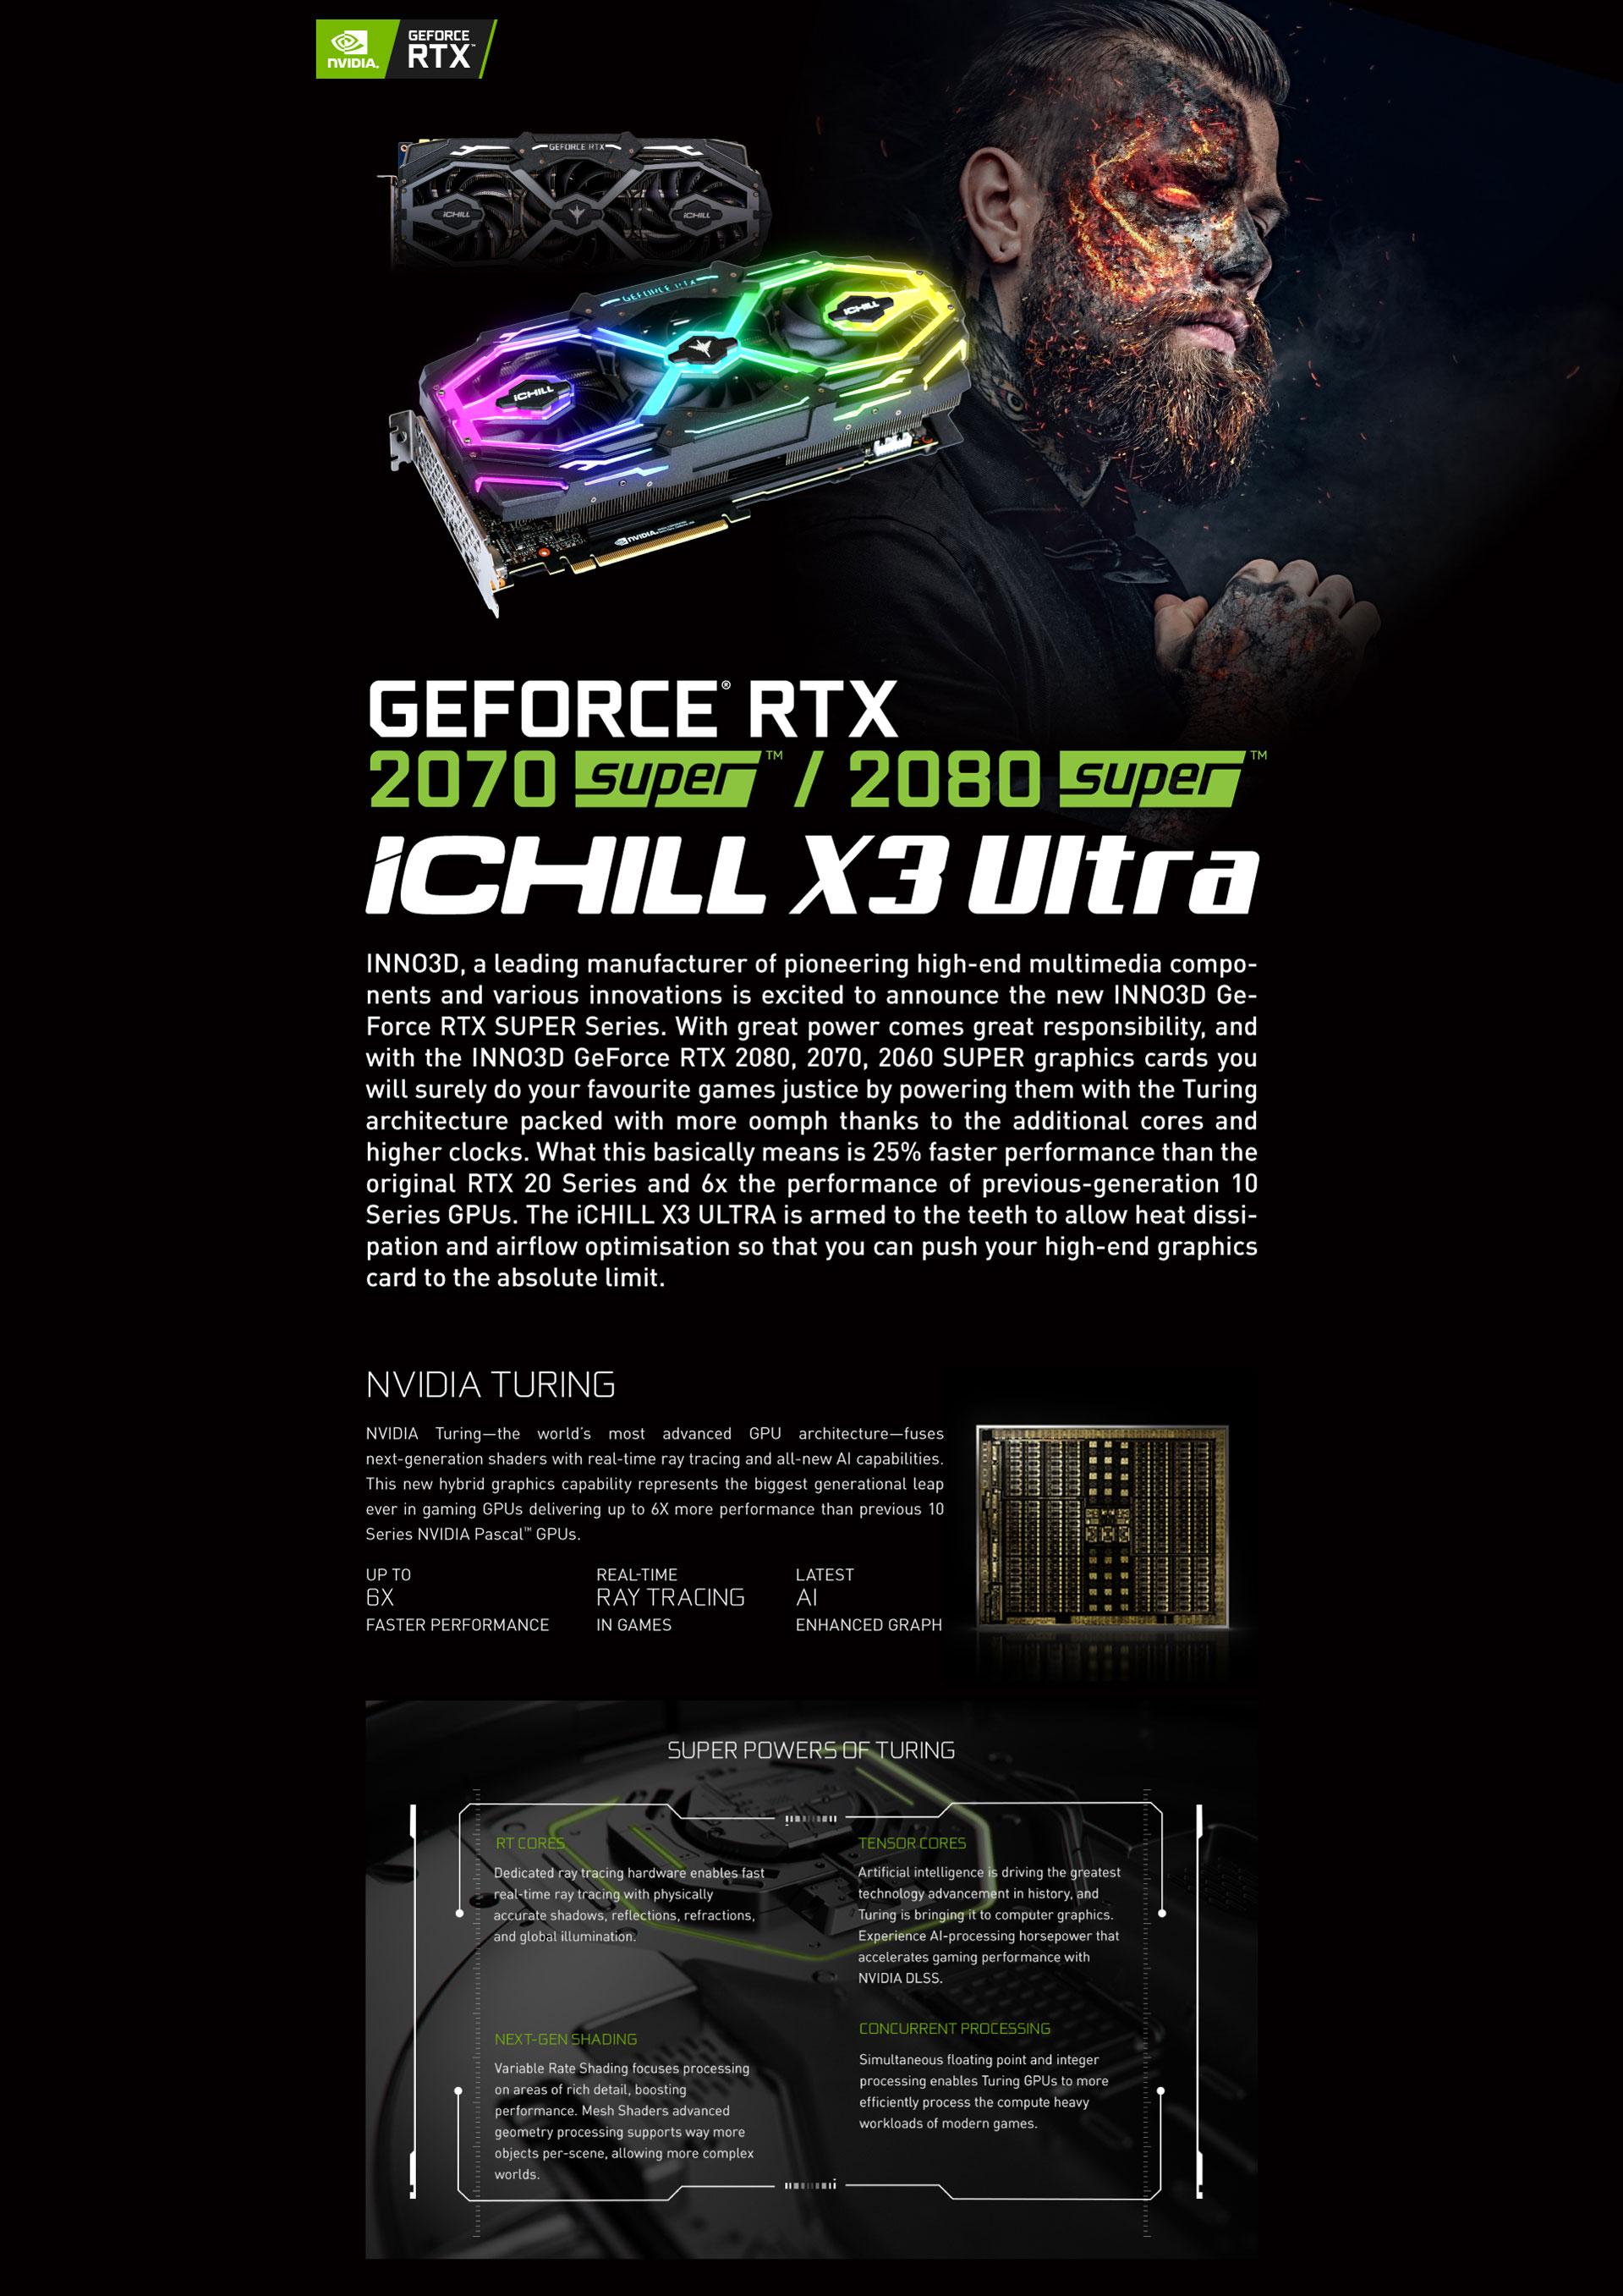 2070_2080Super_iCHILL_X3_Ultra_1920w-01.jpg (615 KB)